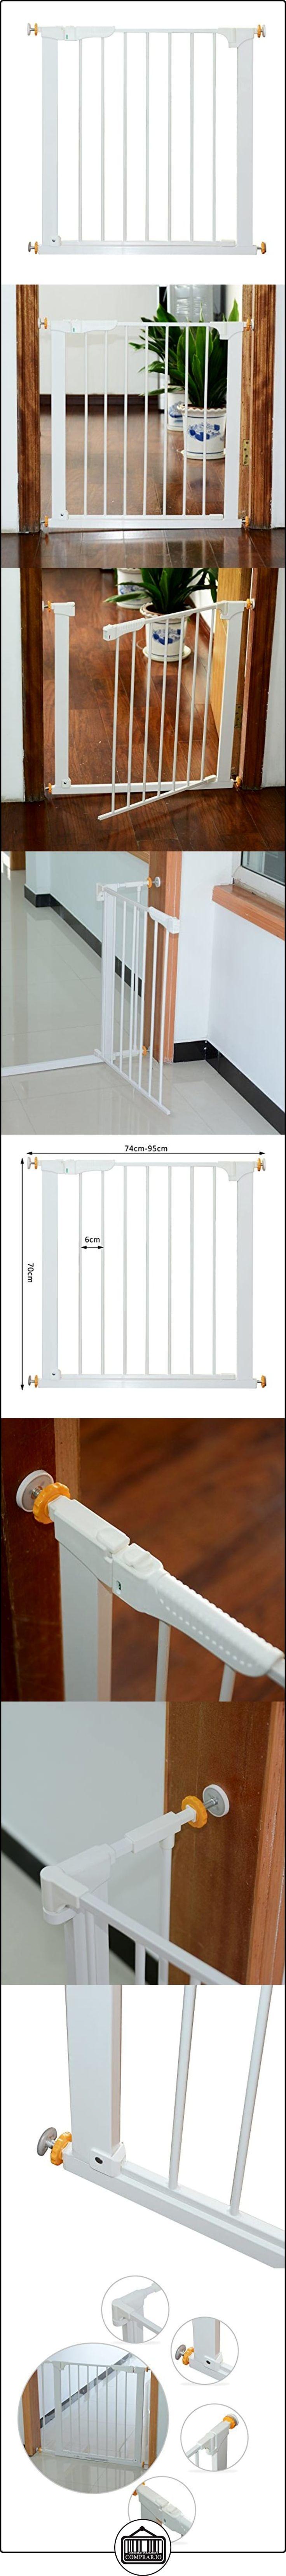 Puerta de Metal Blanca de Escalera o Pasillo para Mascotas tipo Barrera de Seguridad 74-95cm  ✿ Seguridad para tu bebé - (Protege a tus hijos) ✿ ▬► Ver oferta: http://comprar.io/goto/B01NCU2JR9